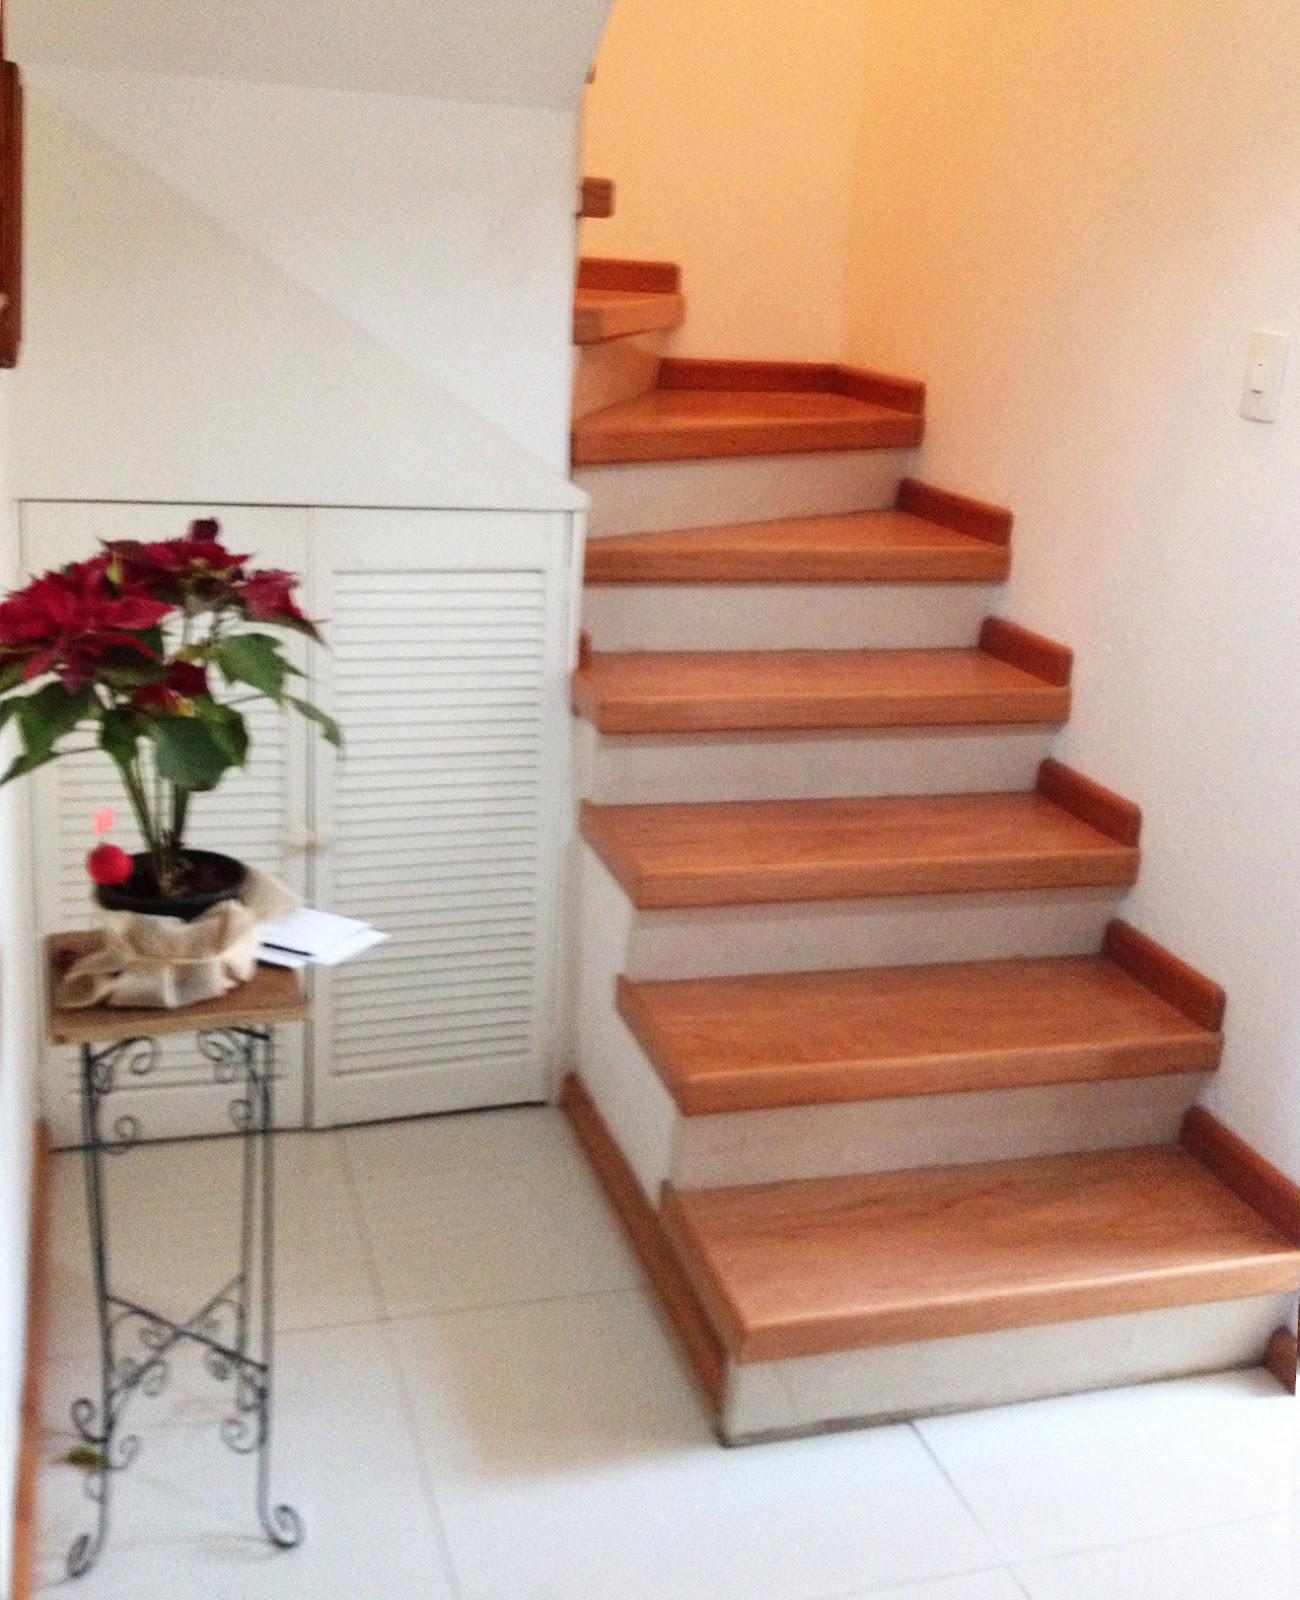 Barandales de herrería y escaleras de madera.